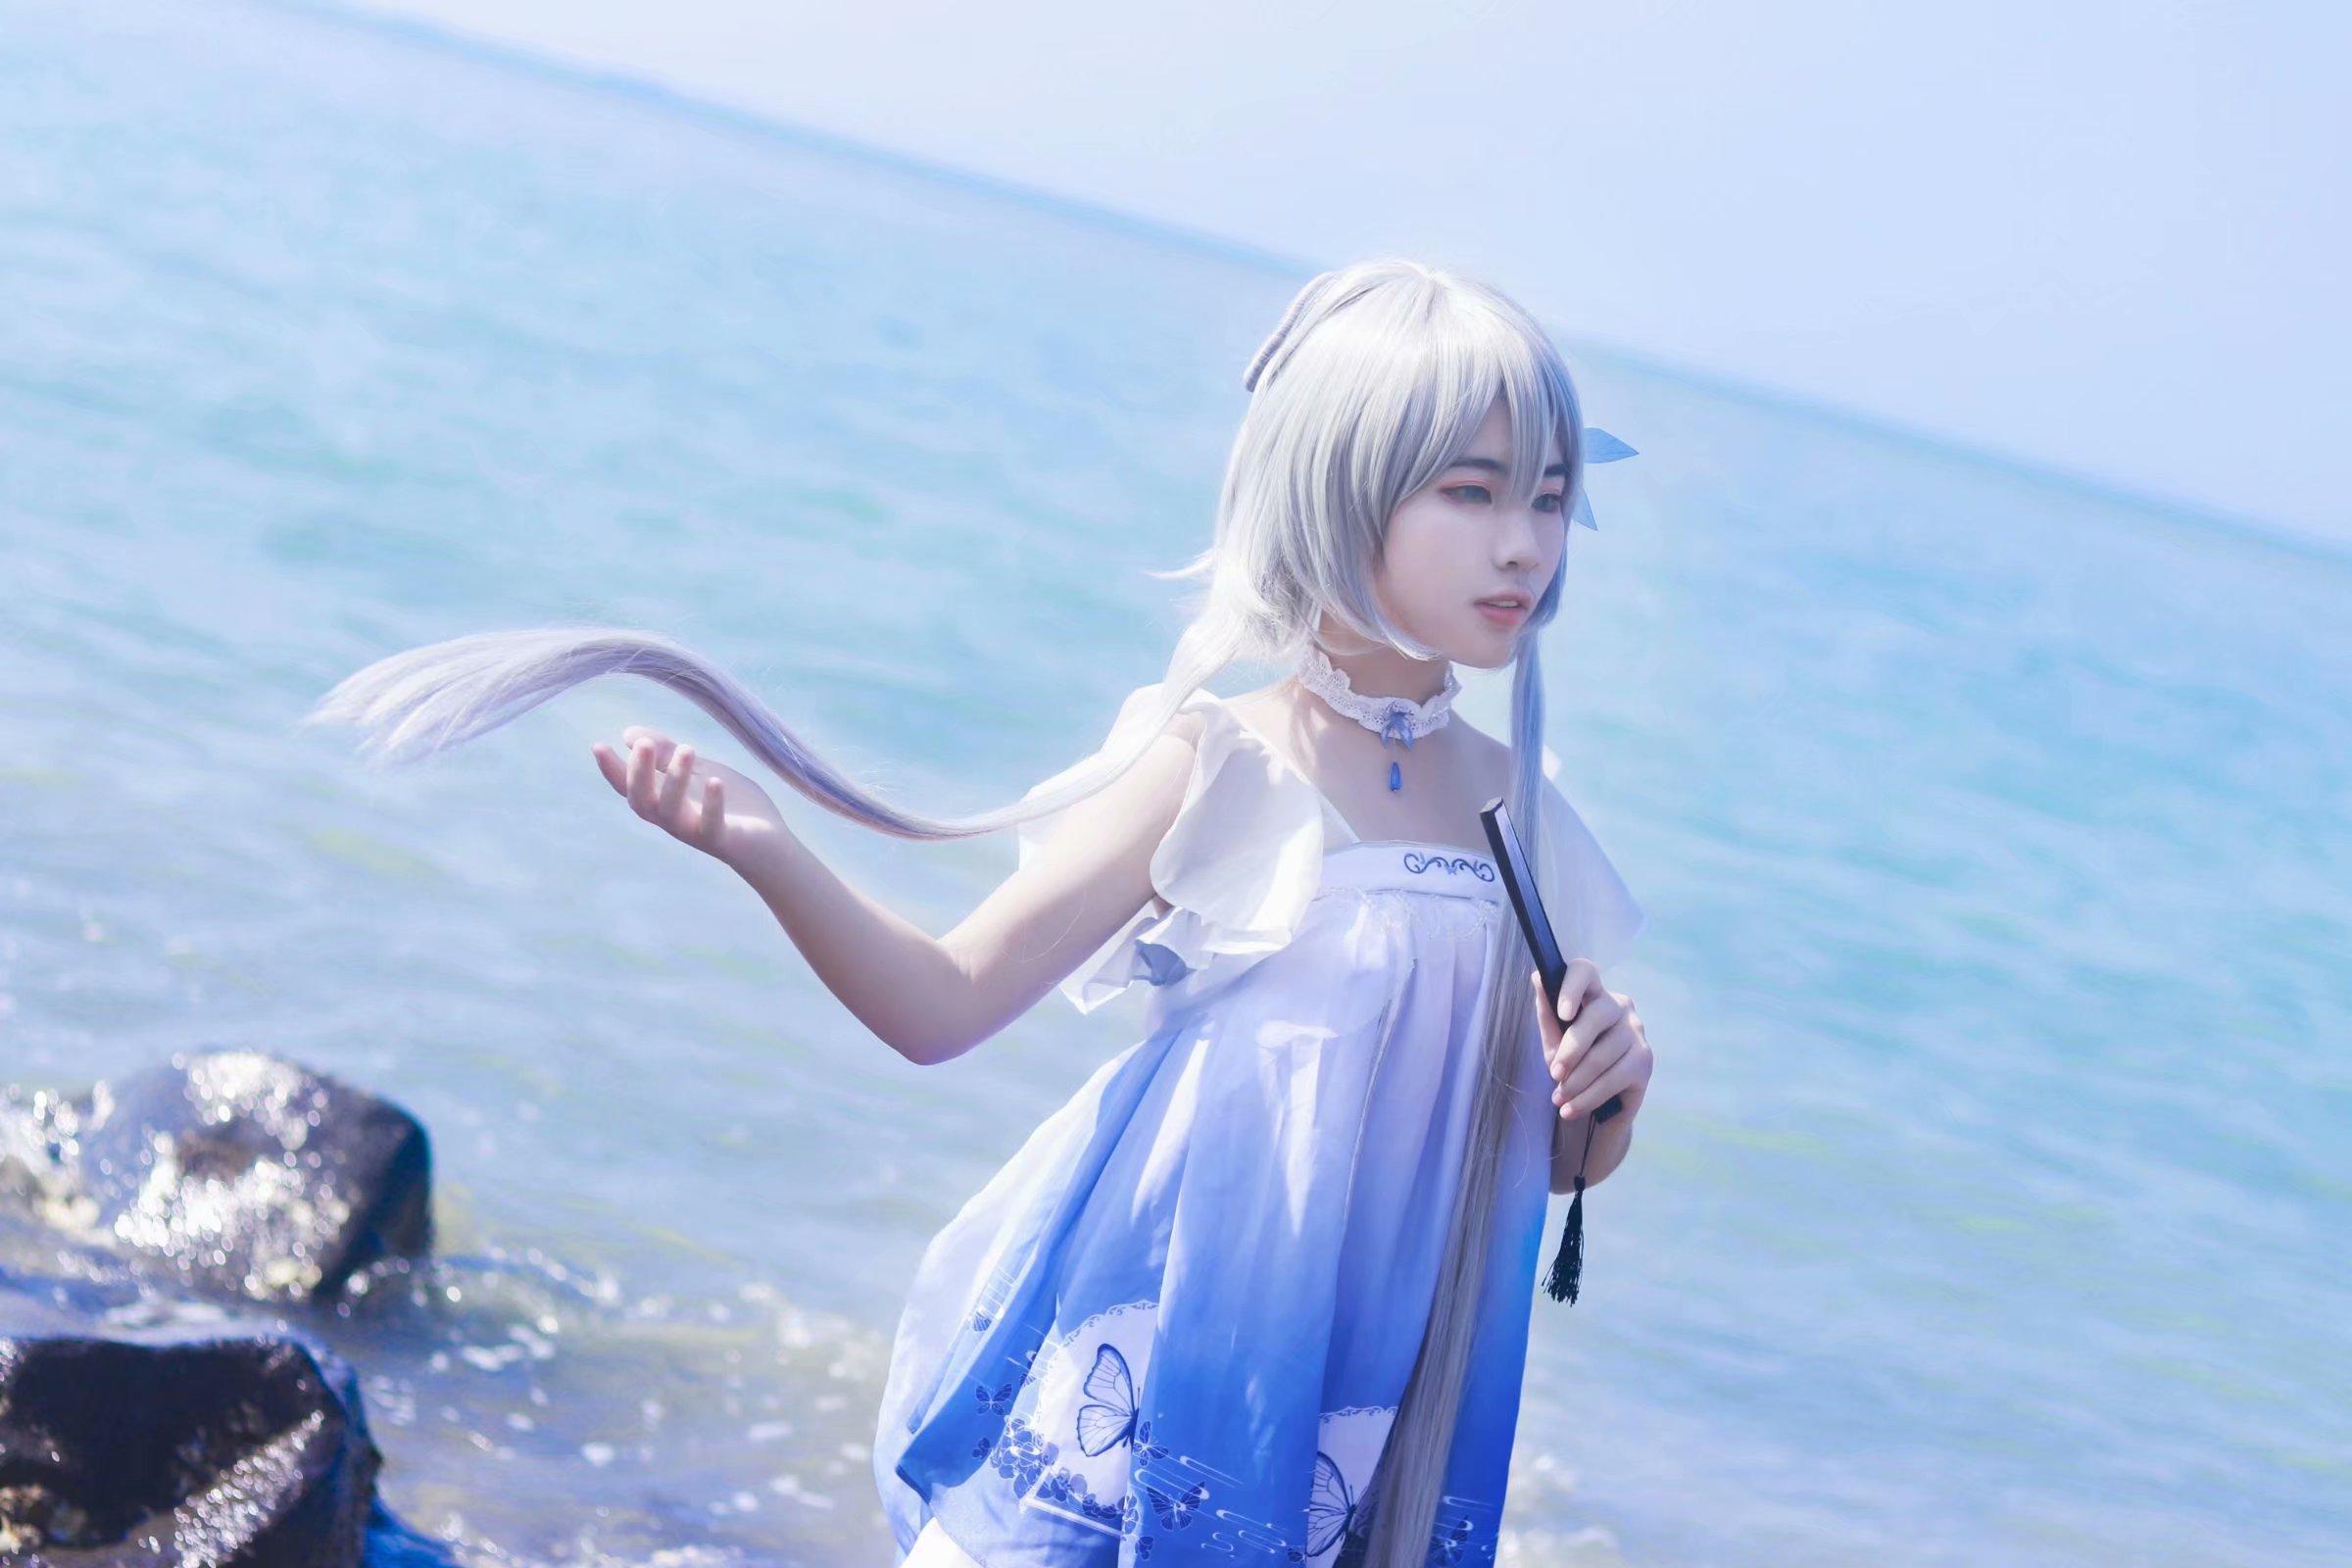 美女cosplay【CN:墨月月月】-第2张